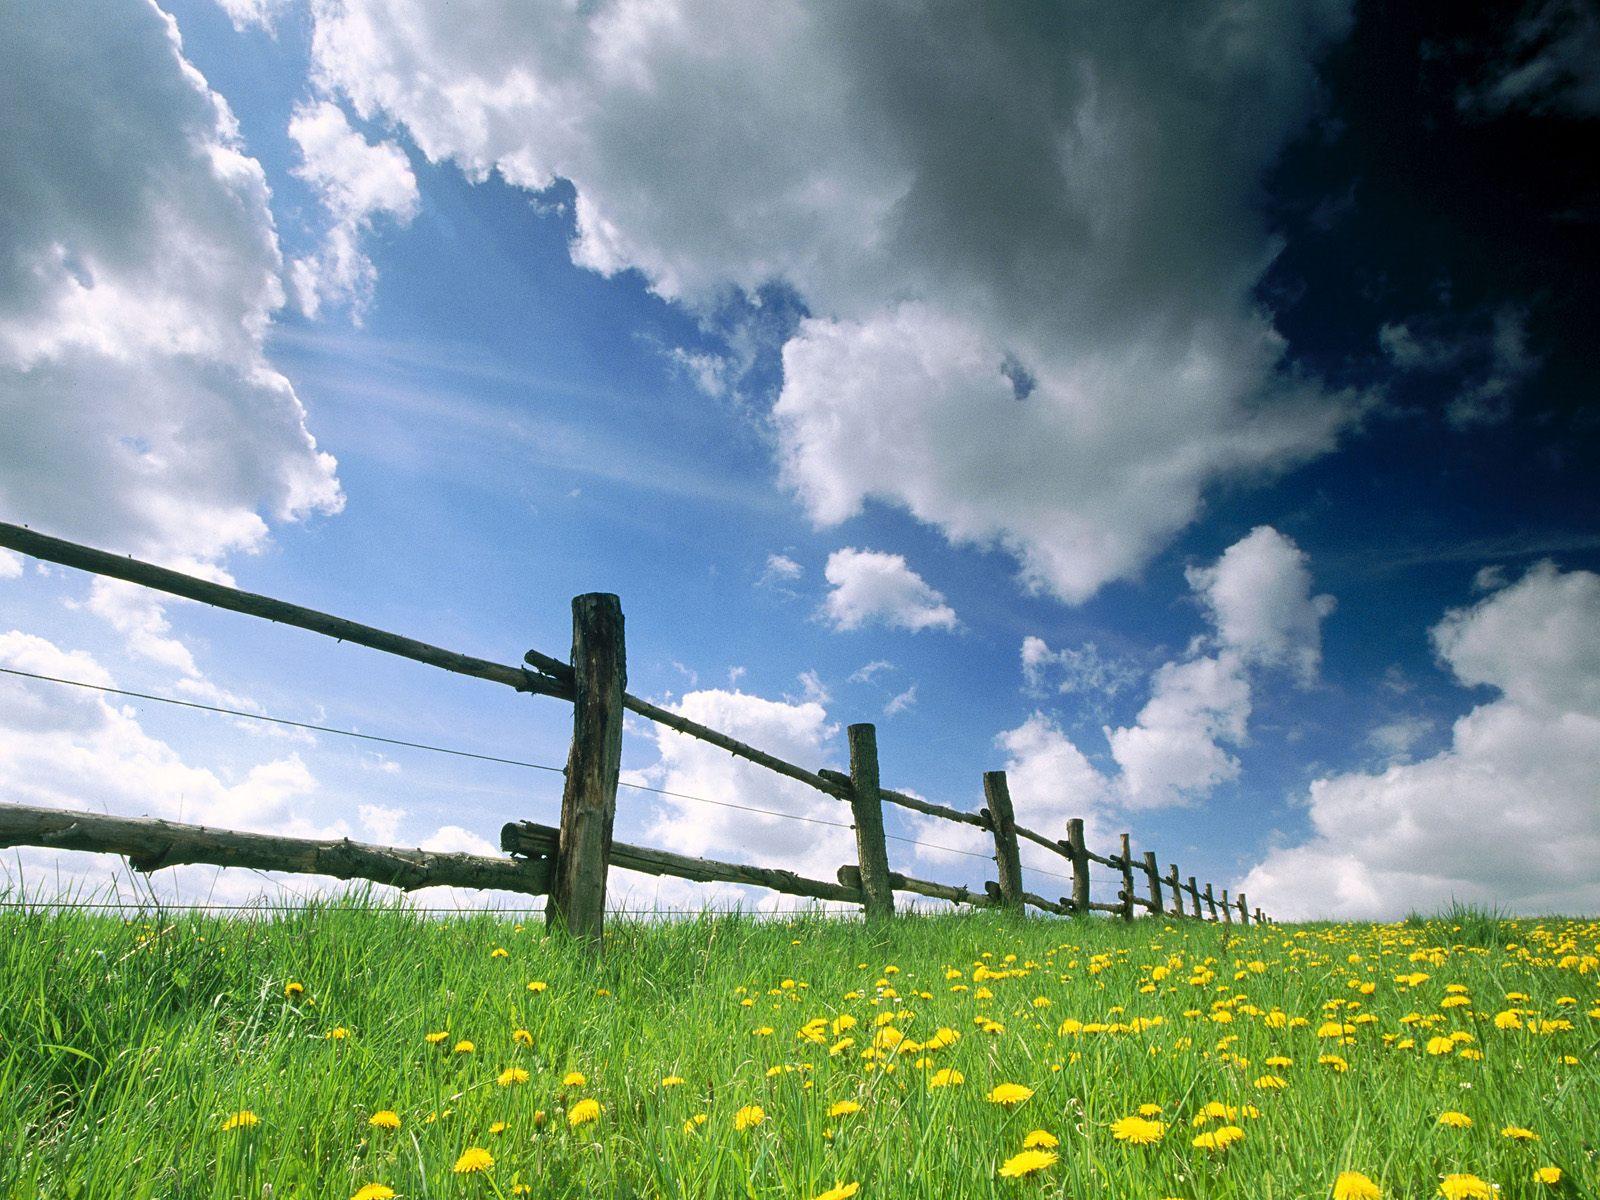 En Güzel HD Doğal Büyük Manzara Resimleri - Doğal Manzara Fotoğrafları | Rooteto